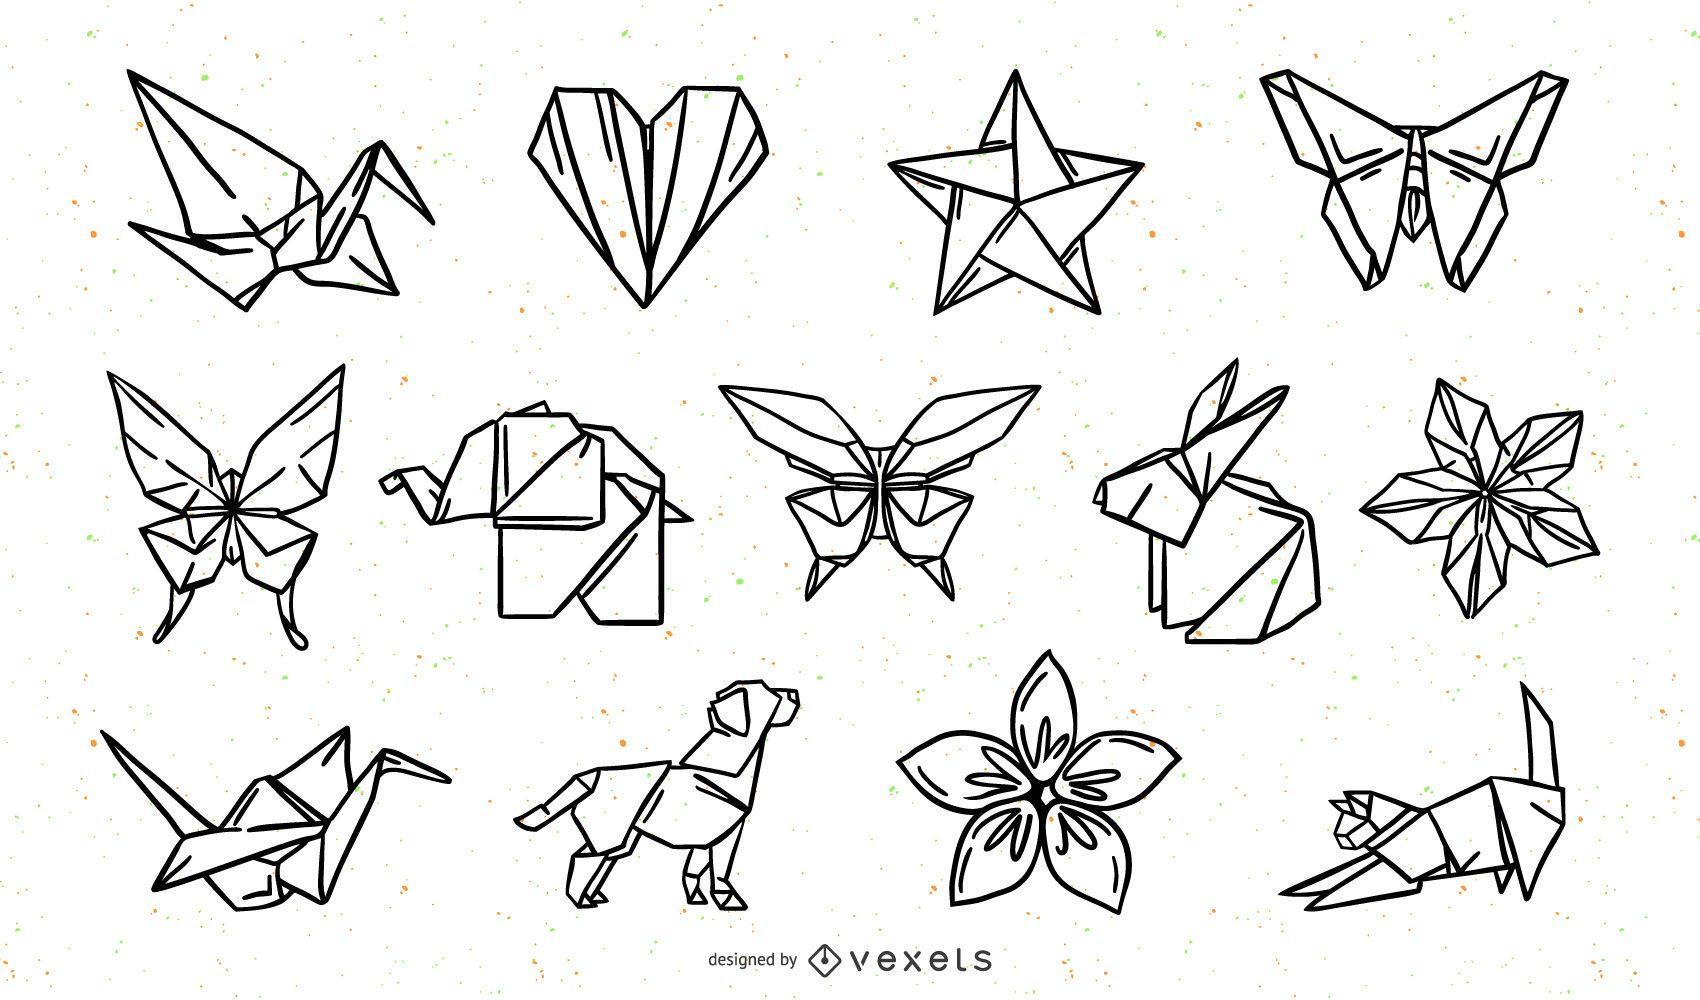 Paquete de diseño de trazo de elementos de la naturaleza de origami